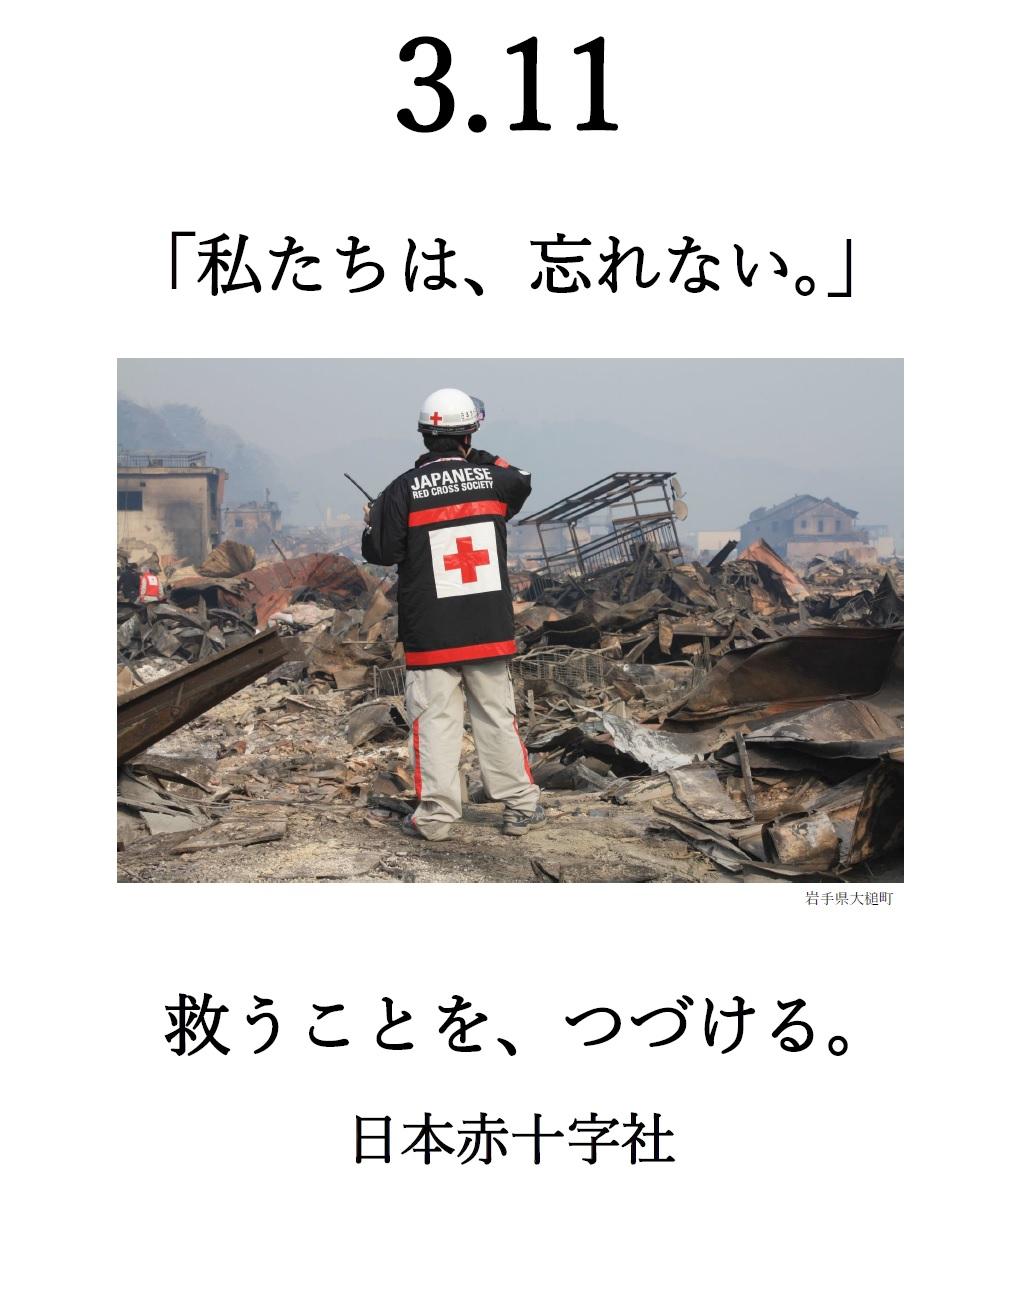 は 社 日本 赤十字 と